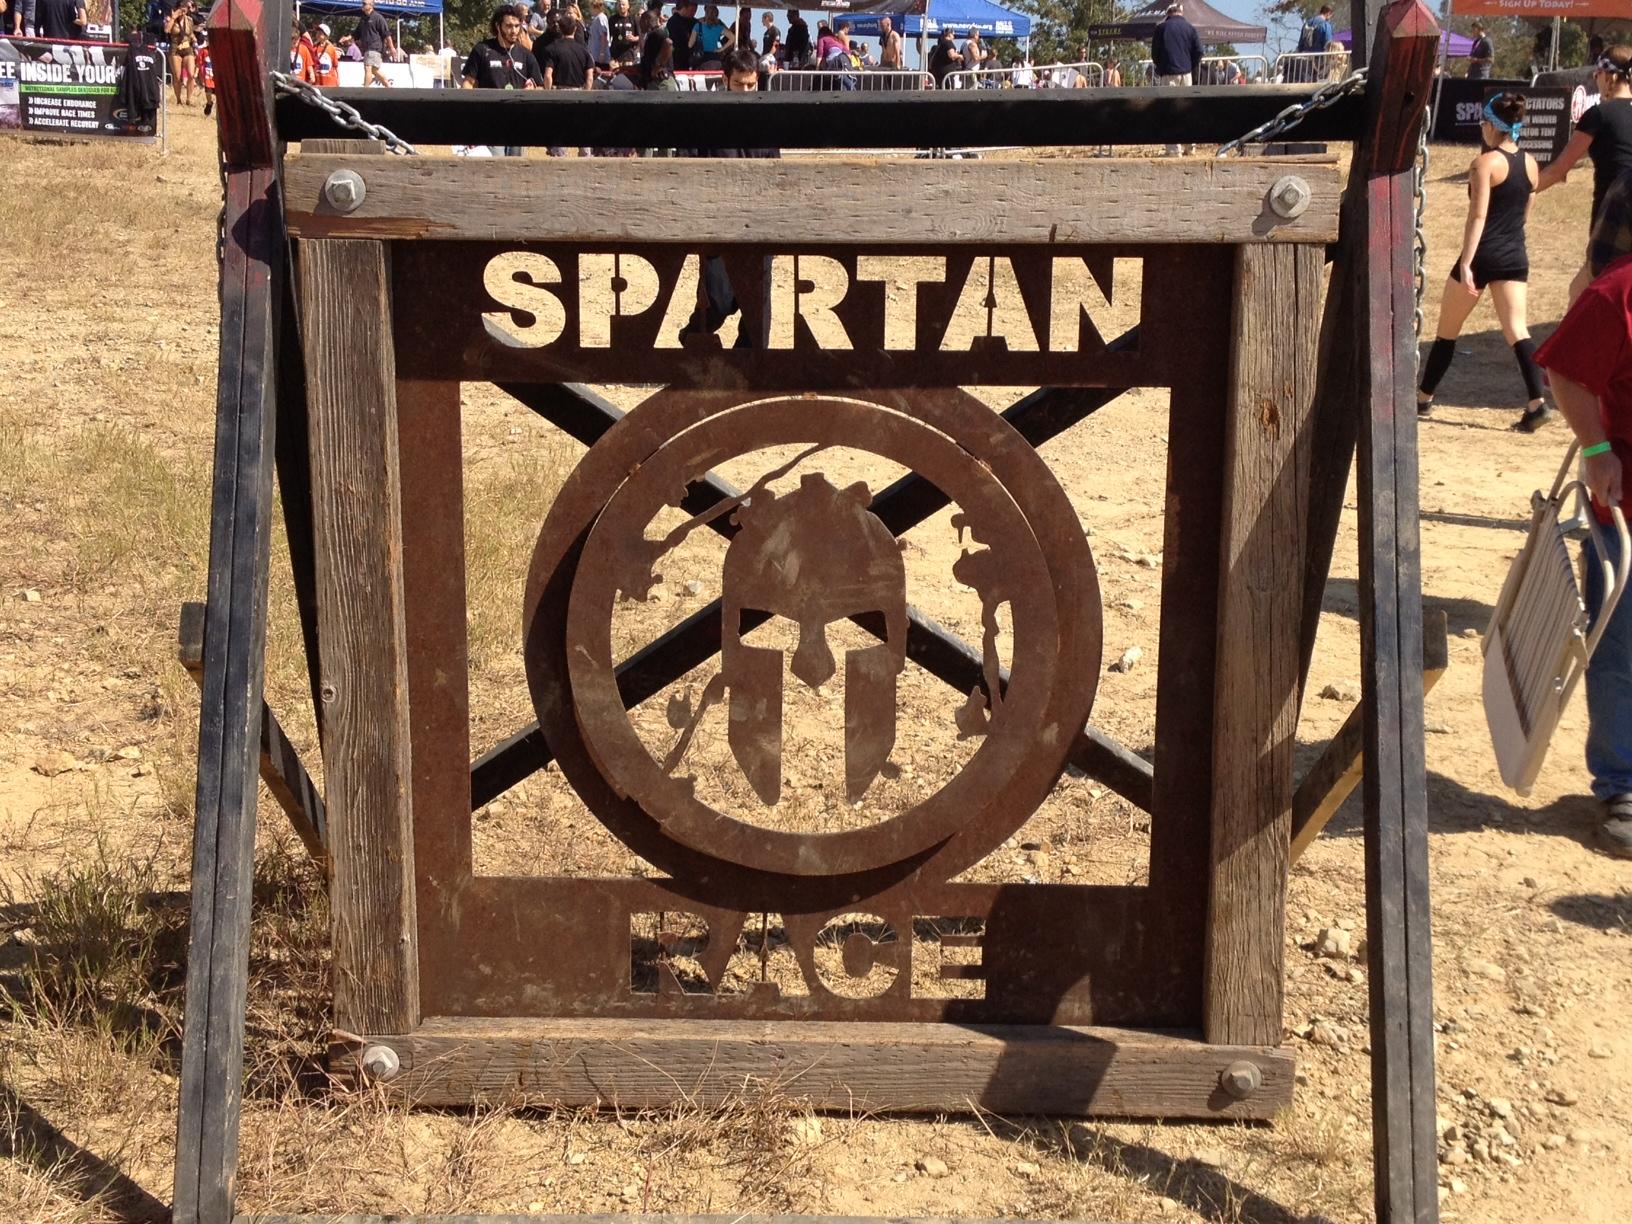 Spartan Race Wallpaper Spartan race sign 1632x1224